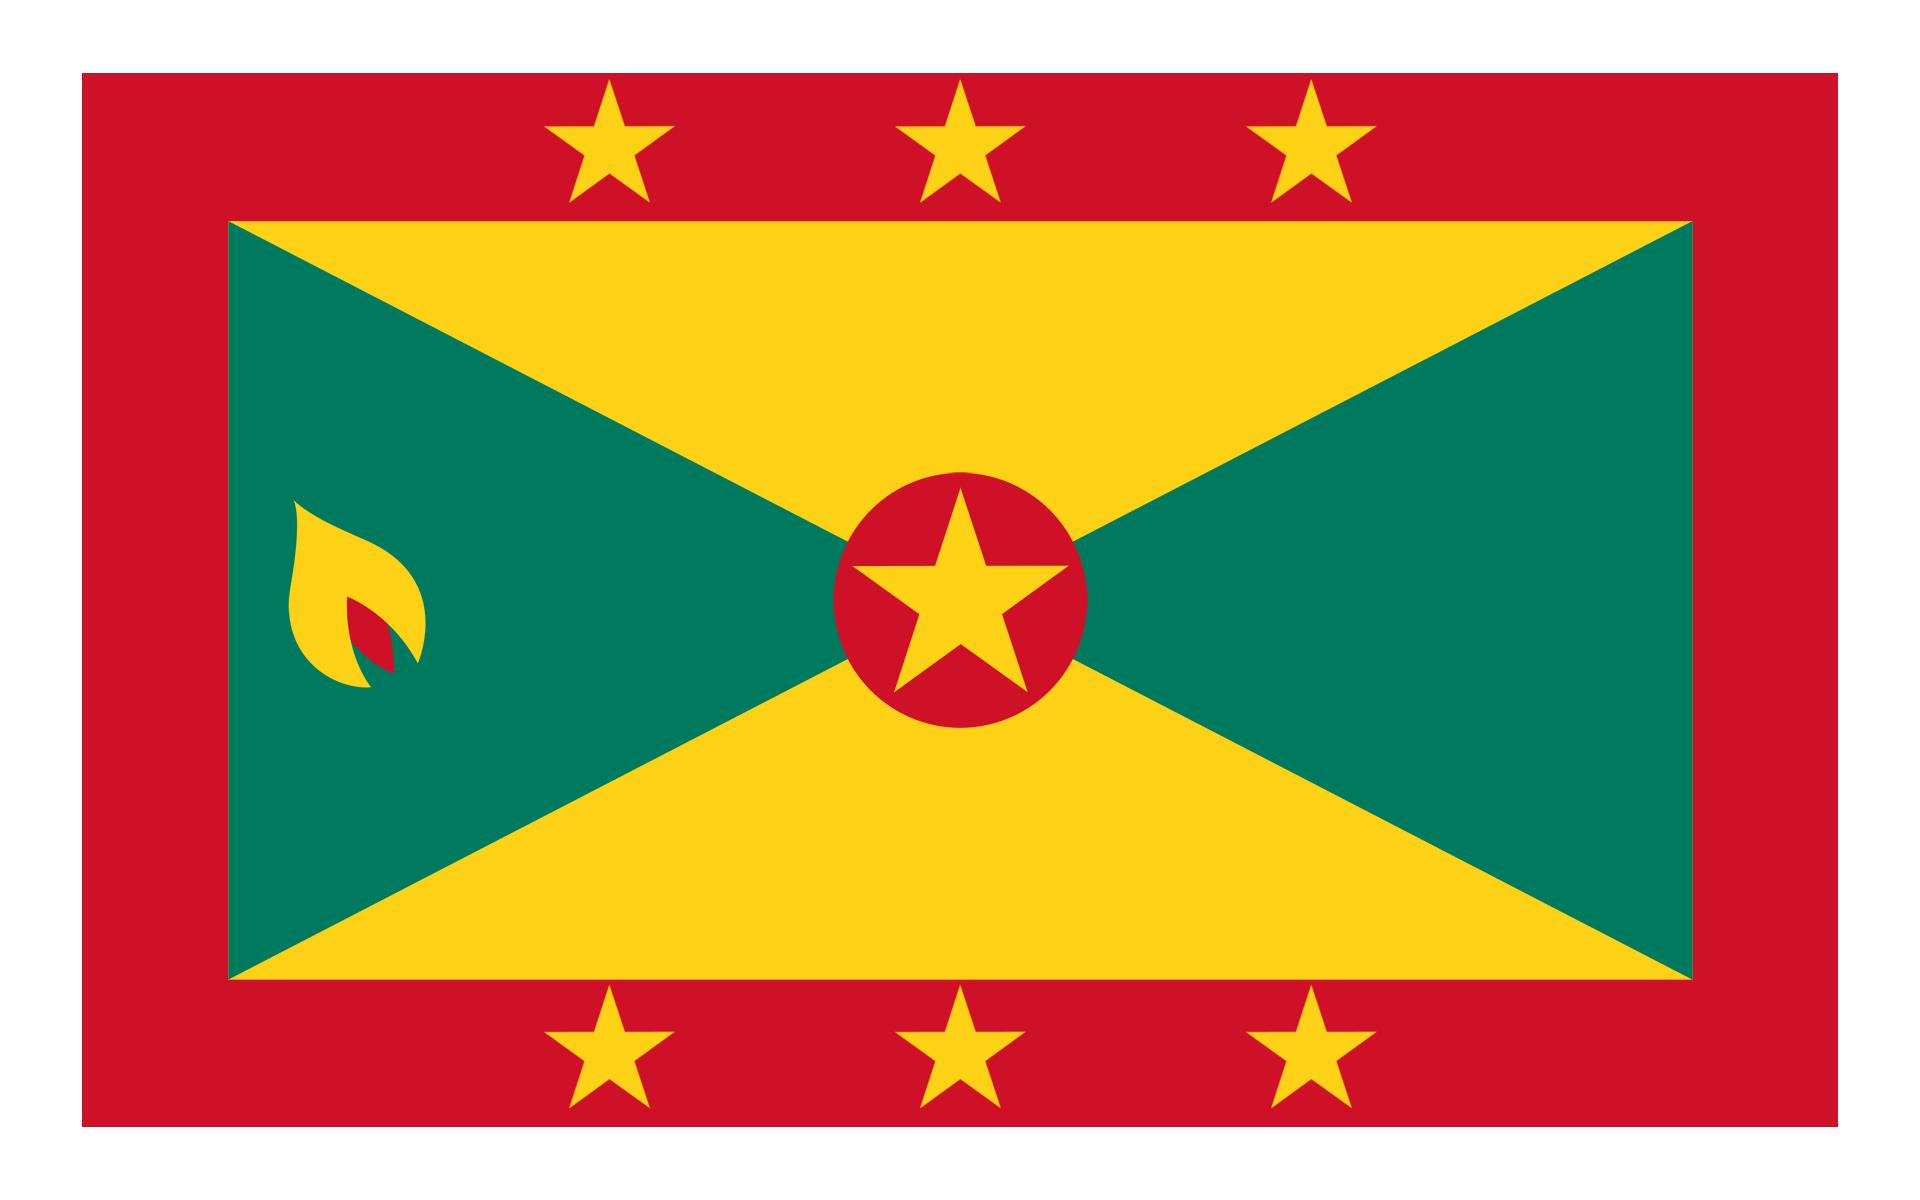 尼日利亚国旗矢量图